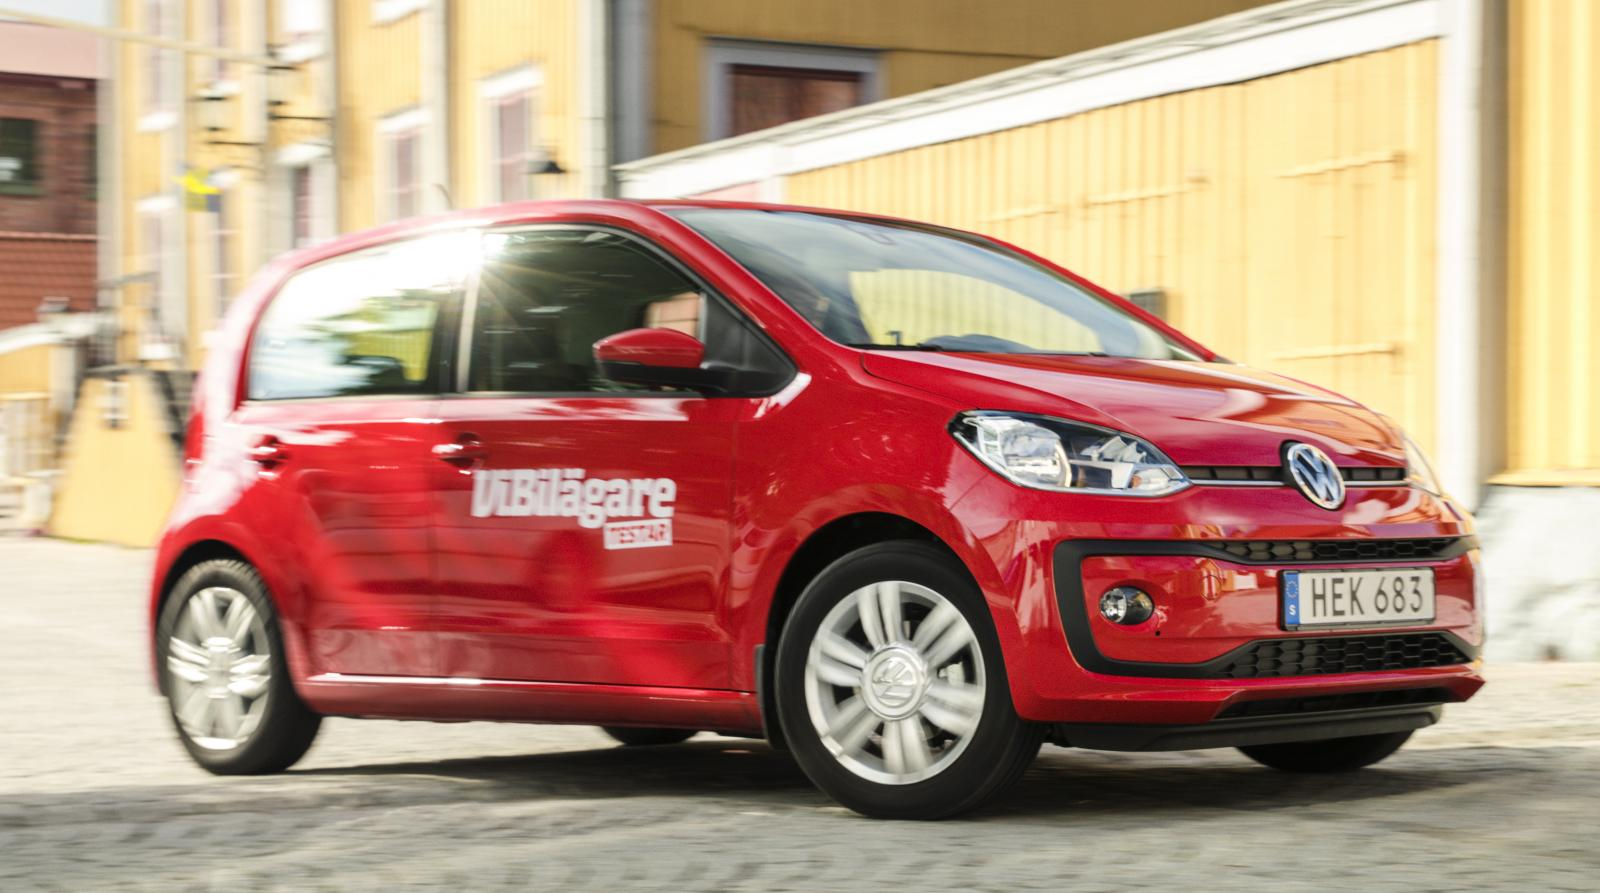 Volkswagen Up tar många fina placeringar och avslutar på topp i äldsta åldersklassen (2009-2012).